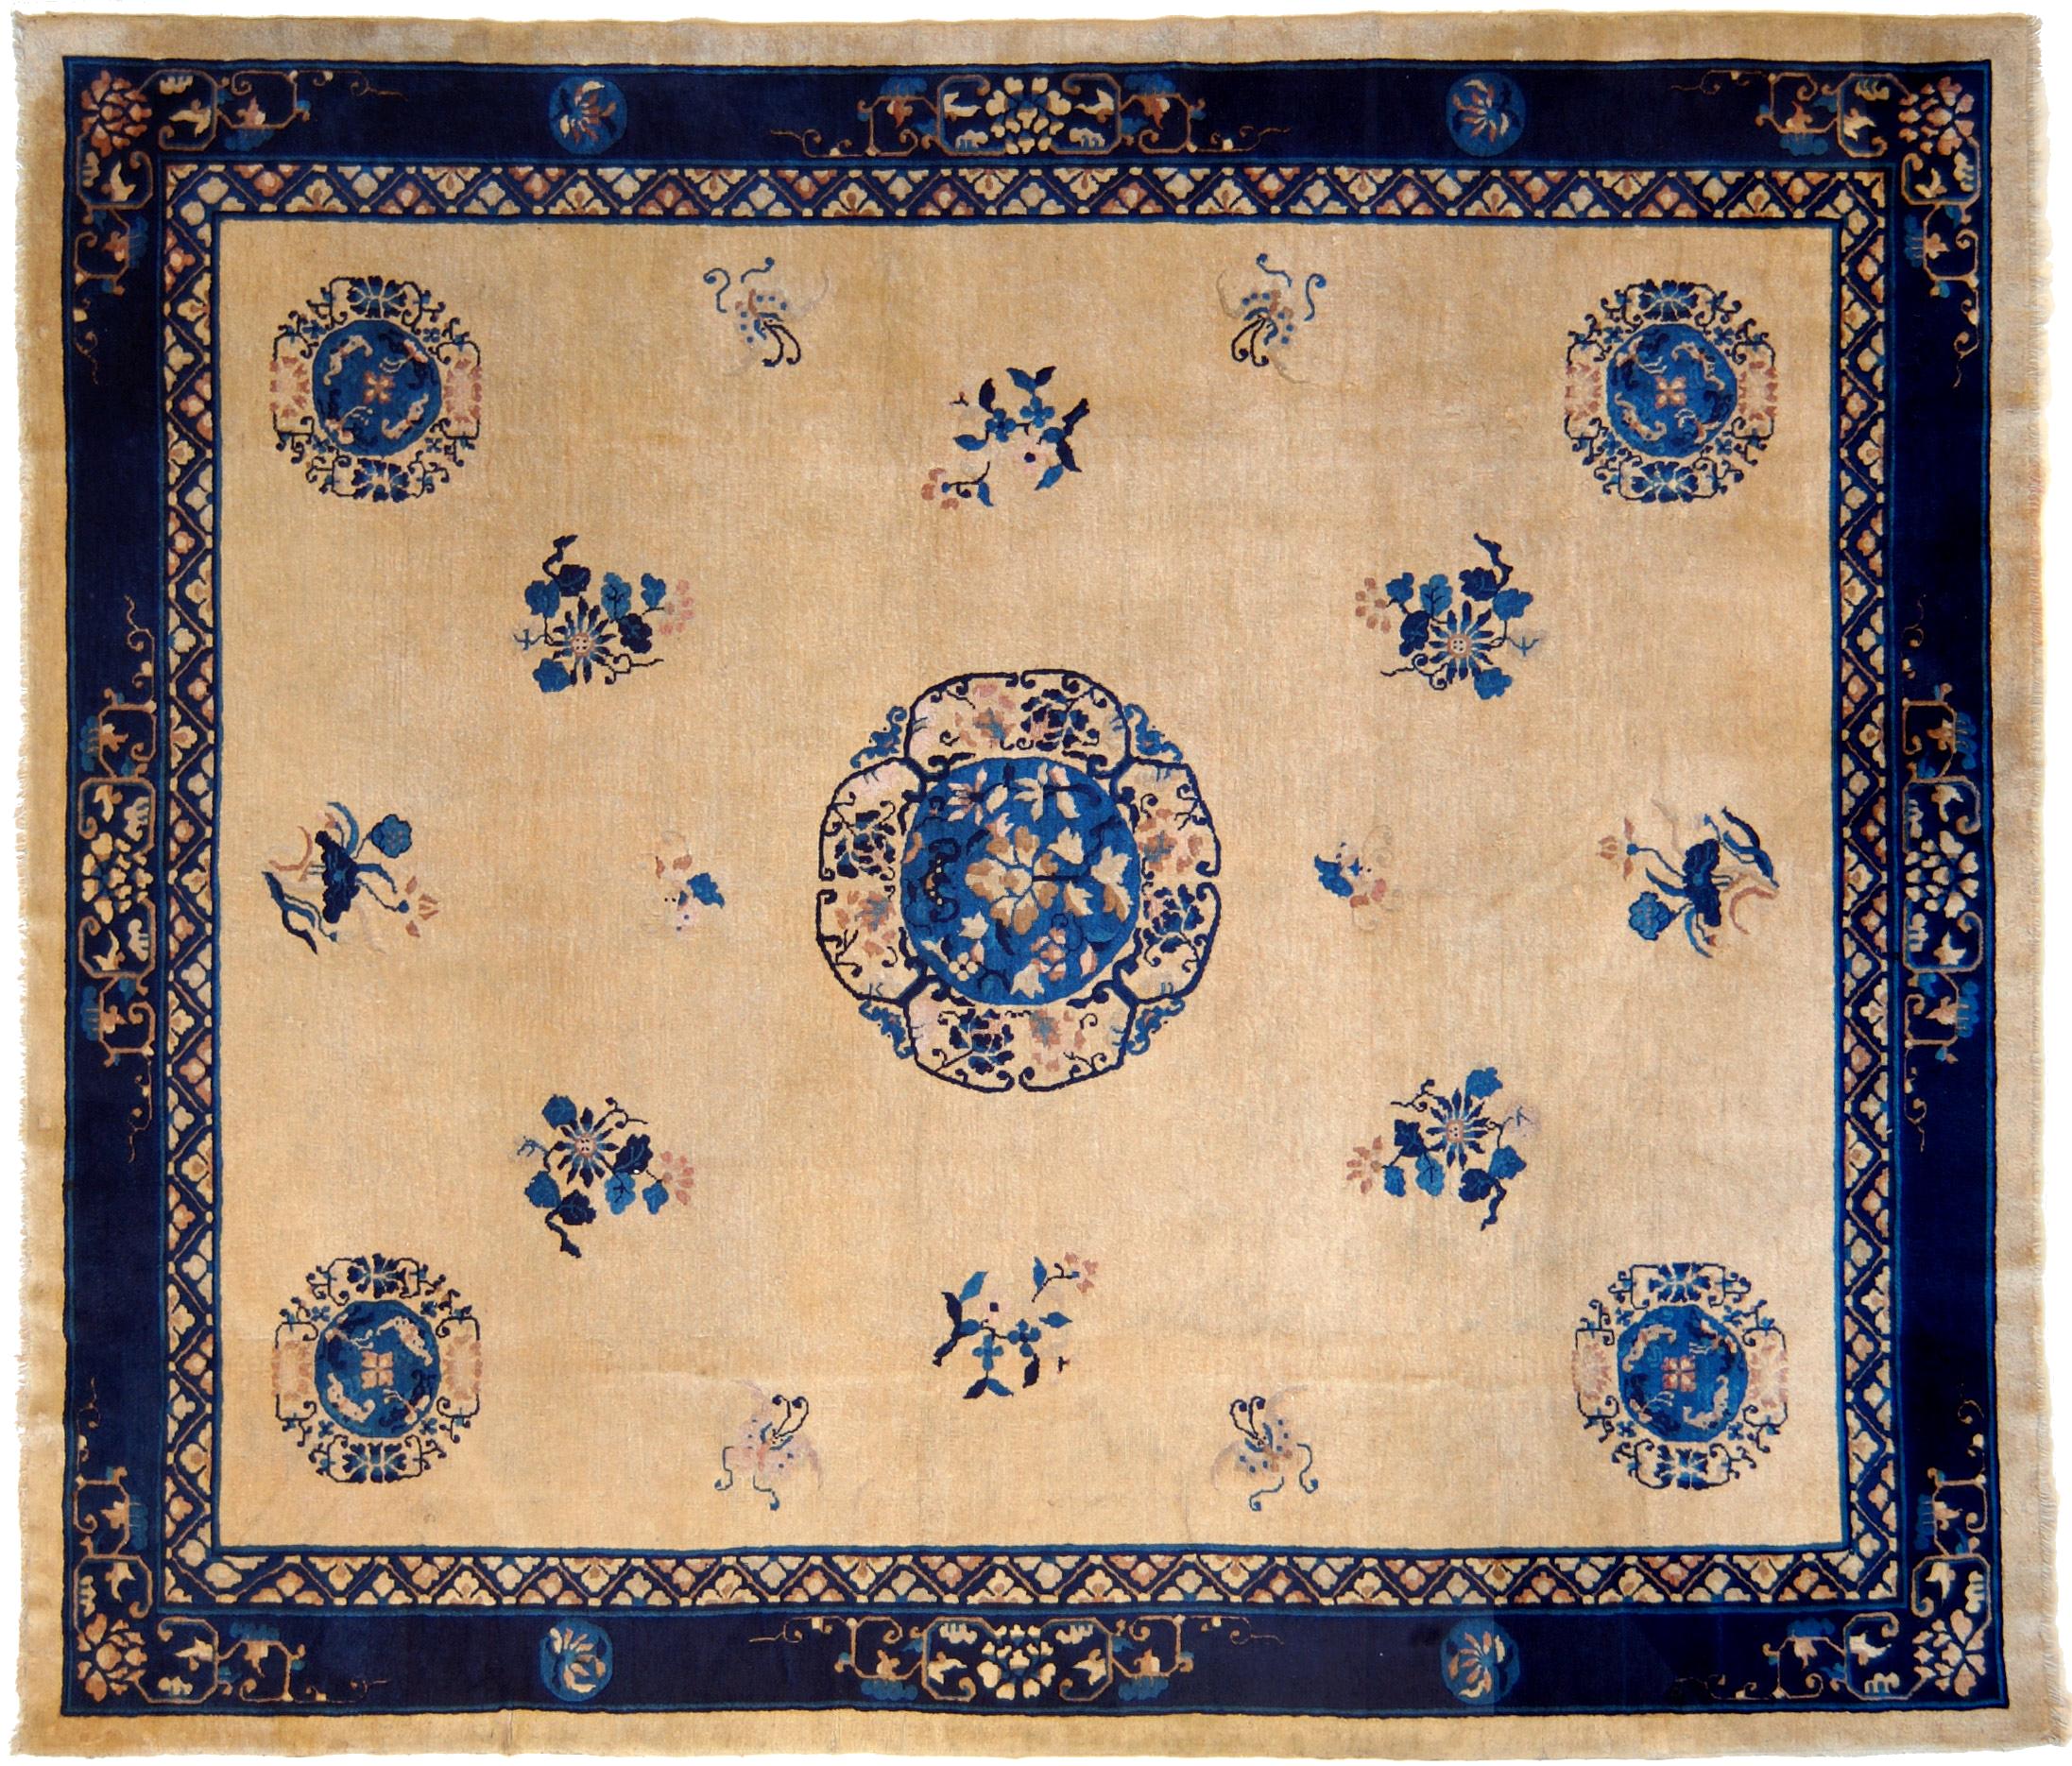 Tappeto Pechino antico grande perfettamente conservato|moranditappeti